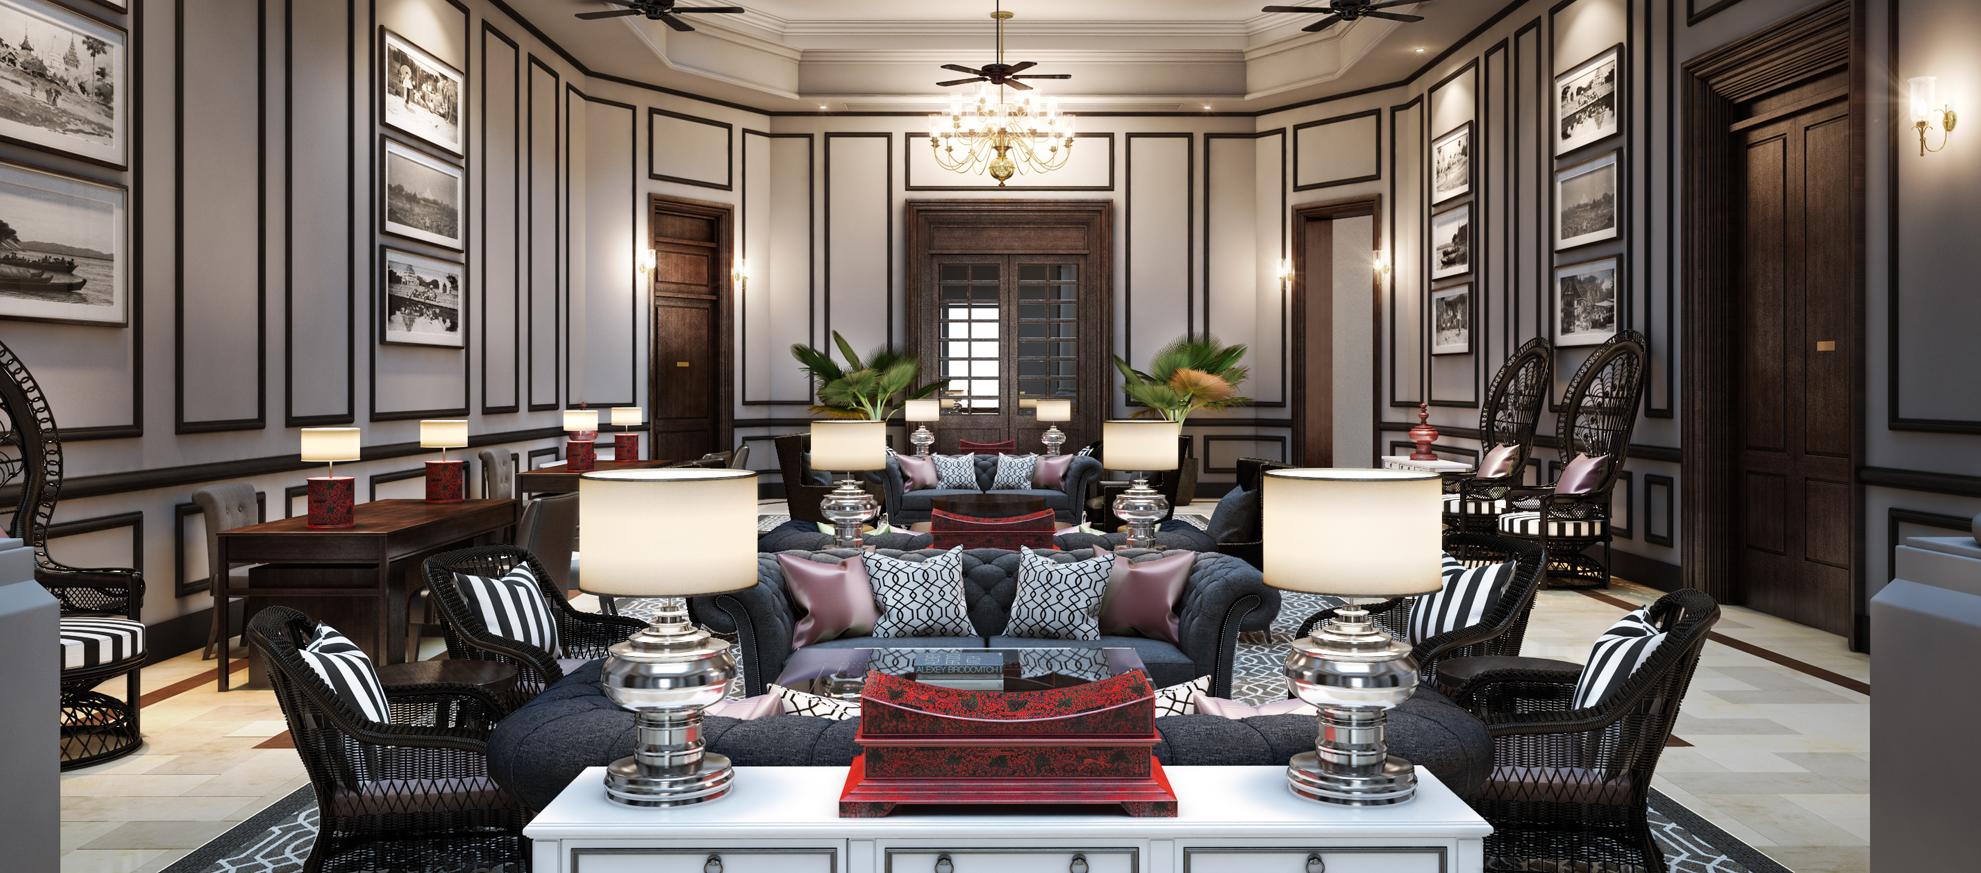 strand-hotel-yangon-lounge